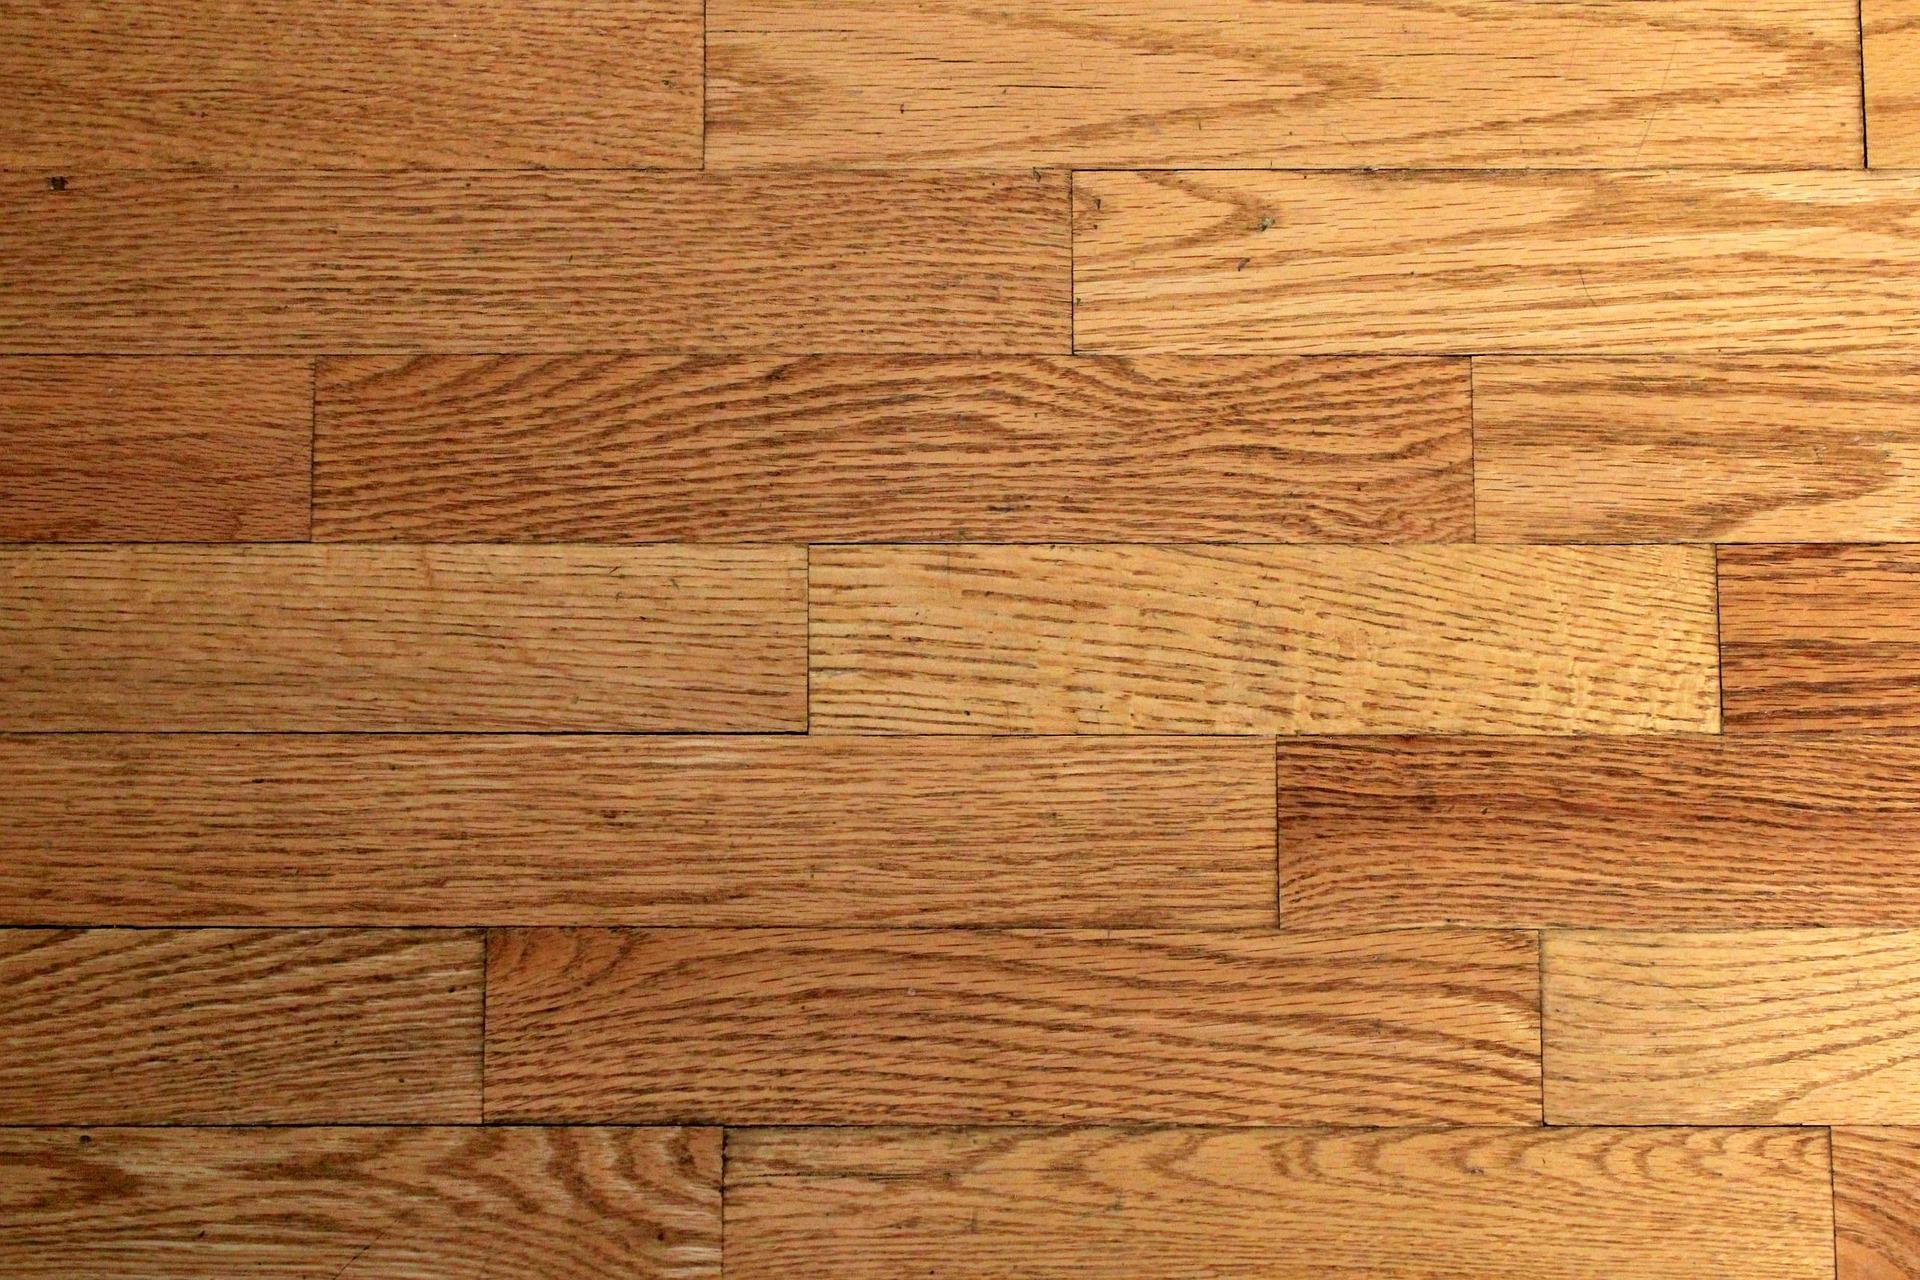 wood background image